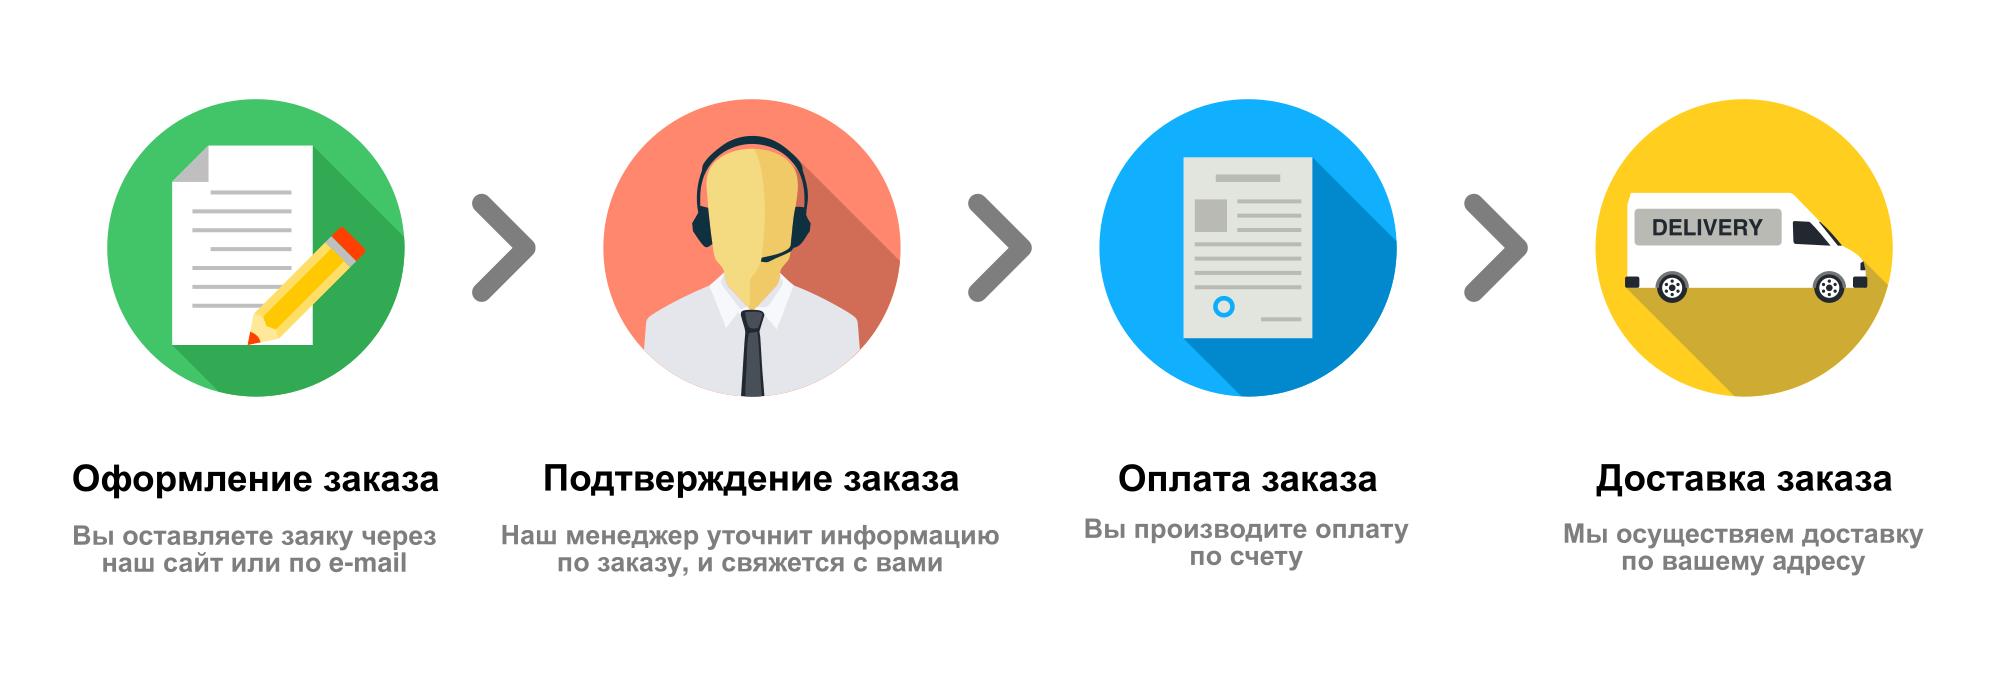 Доставка и оплата на сайте